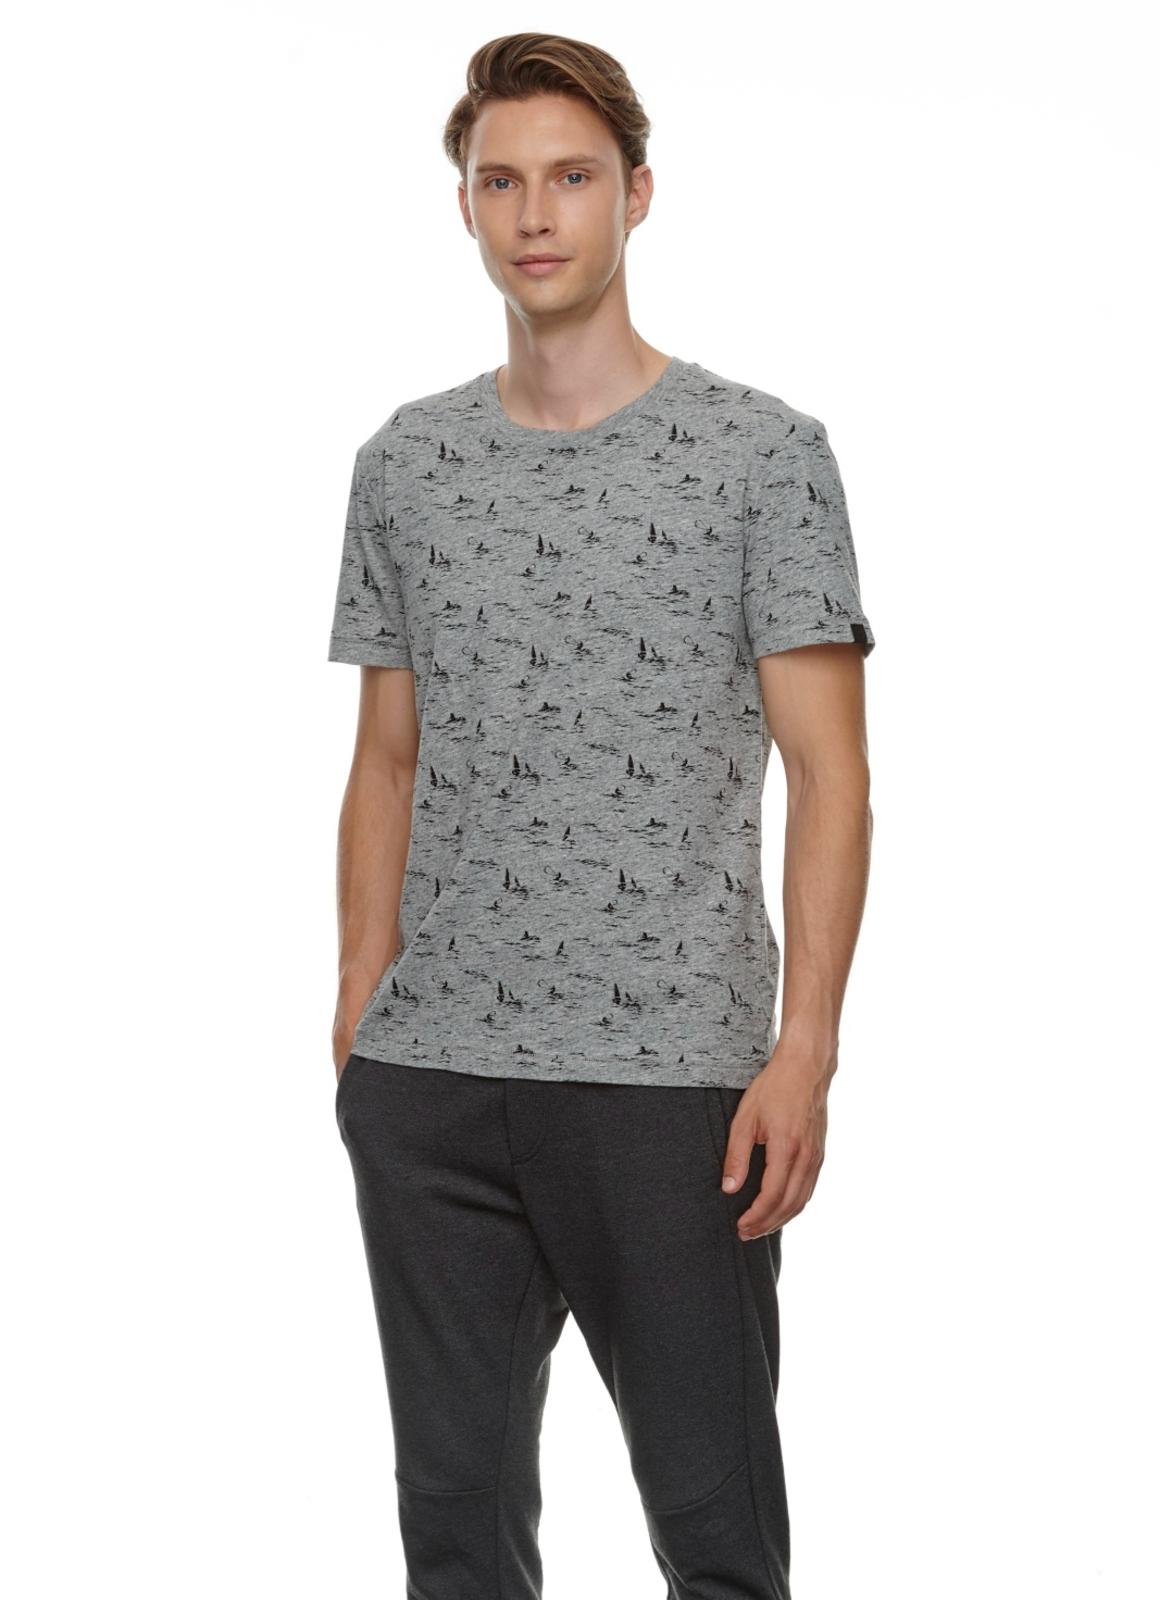 Ragwear Herren T-Shirt Dami grau Allover Print 2112 15011 3000 grey